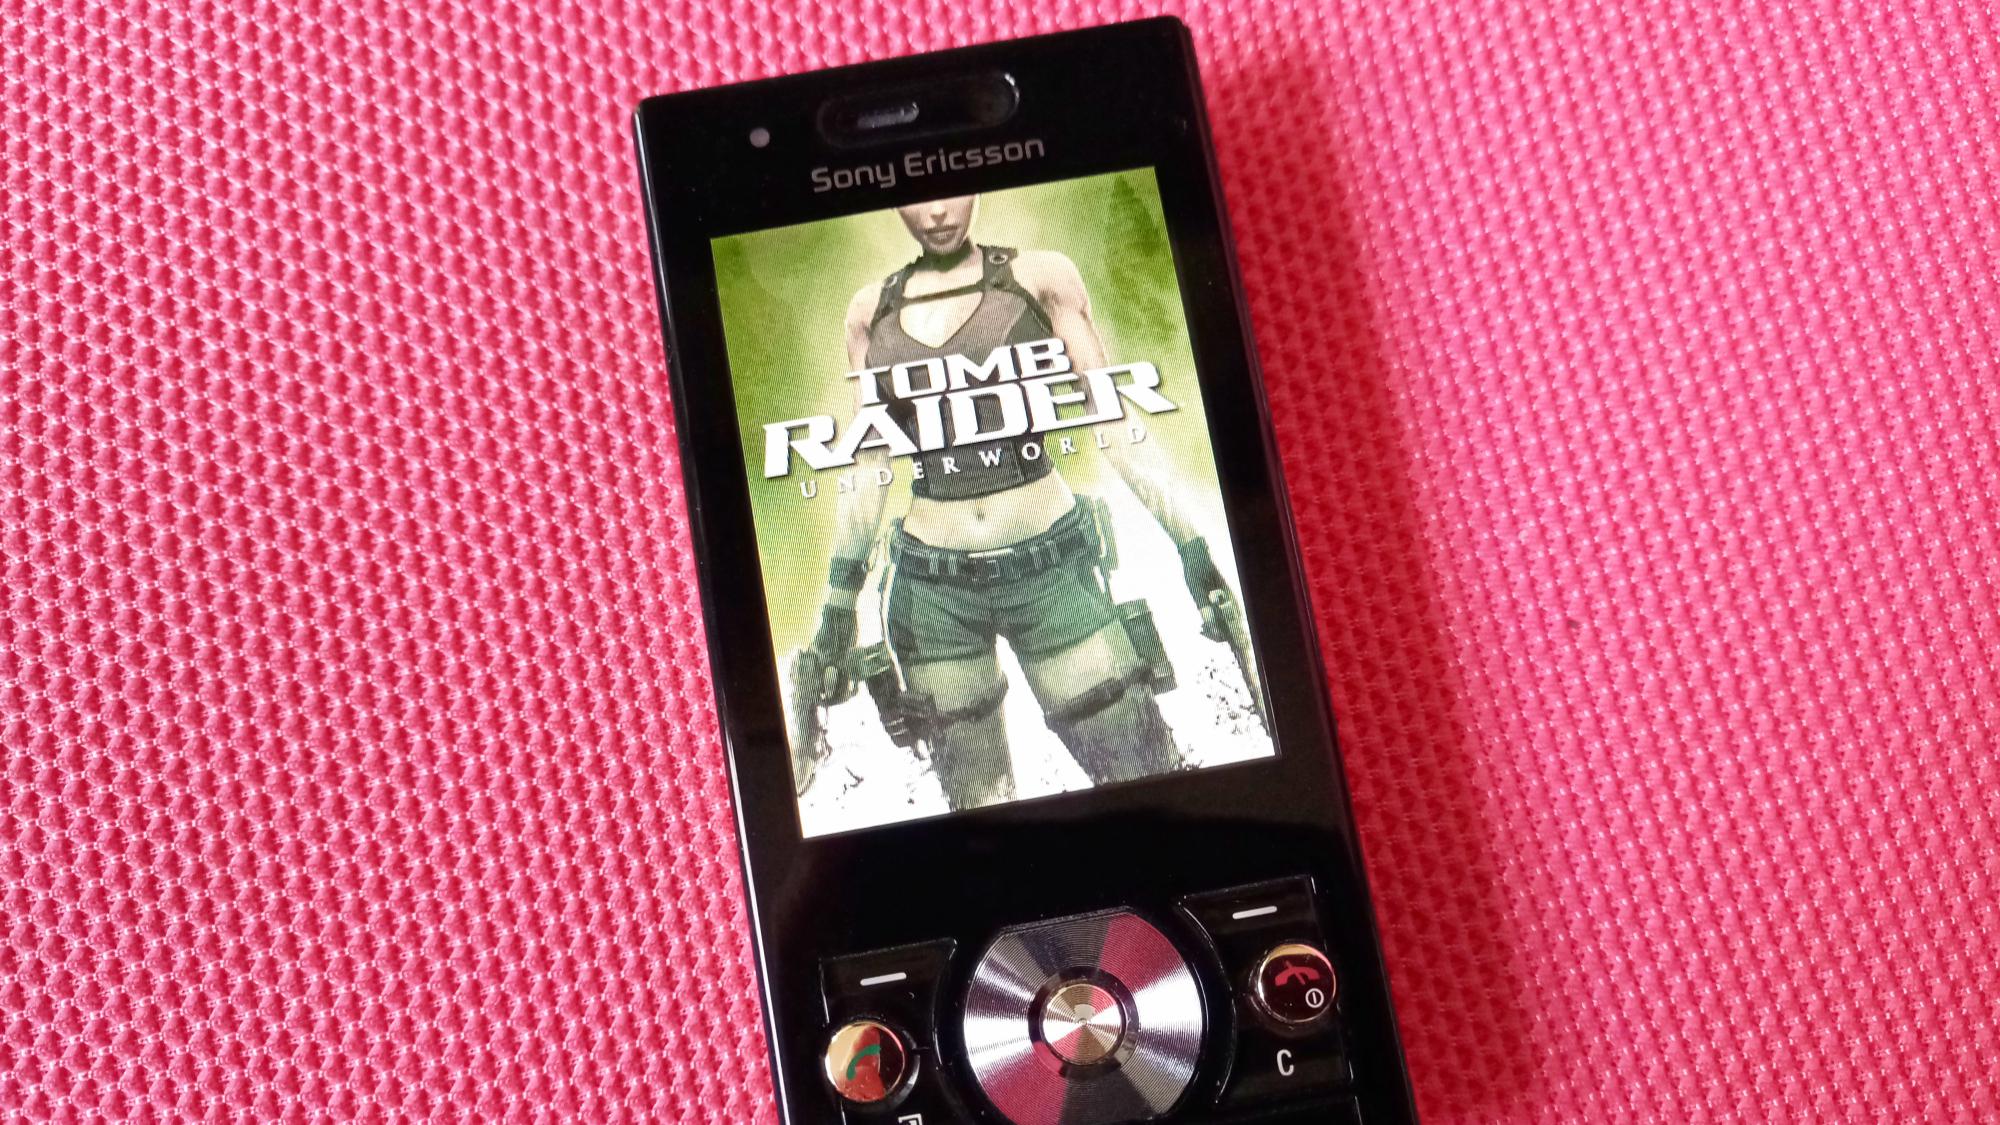 12年前怀旧手机游戏《古墓丽影》容量仅1MB,却有精美3D画面